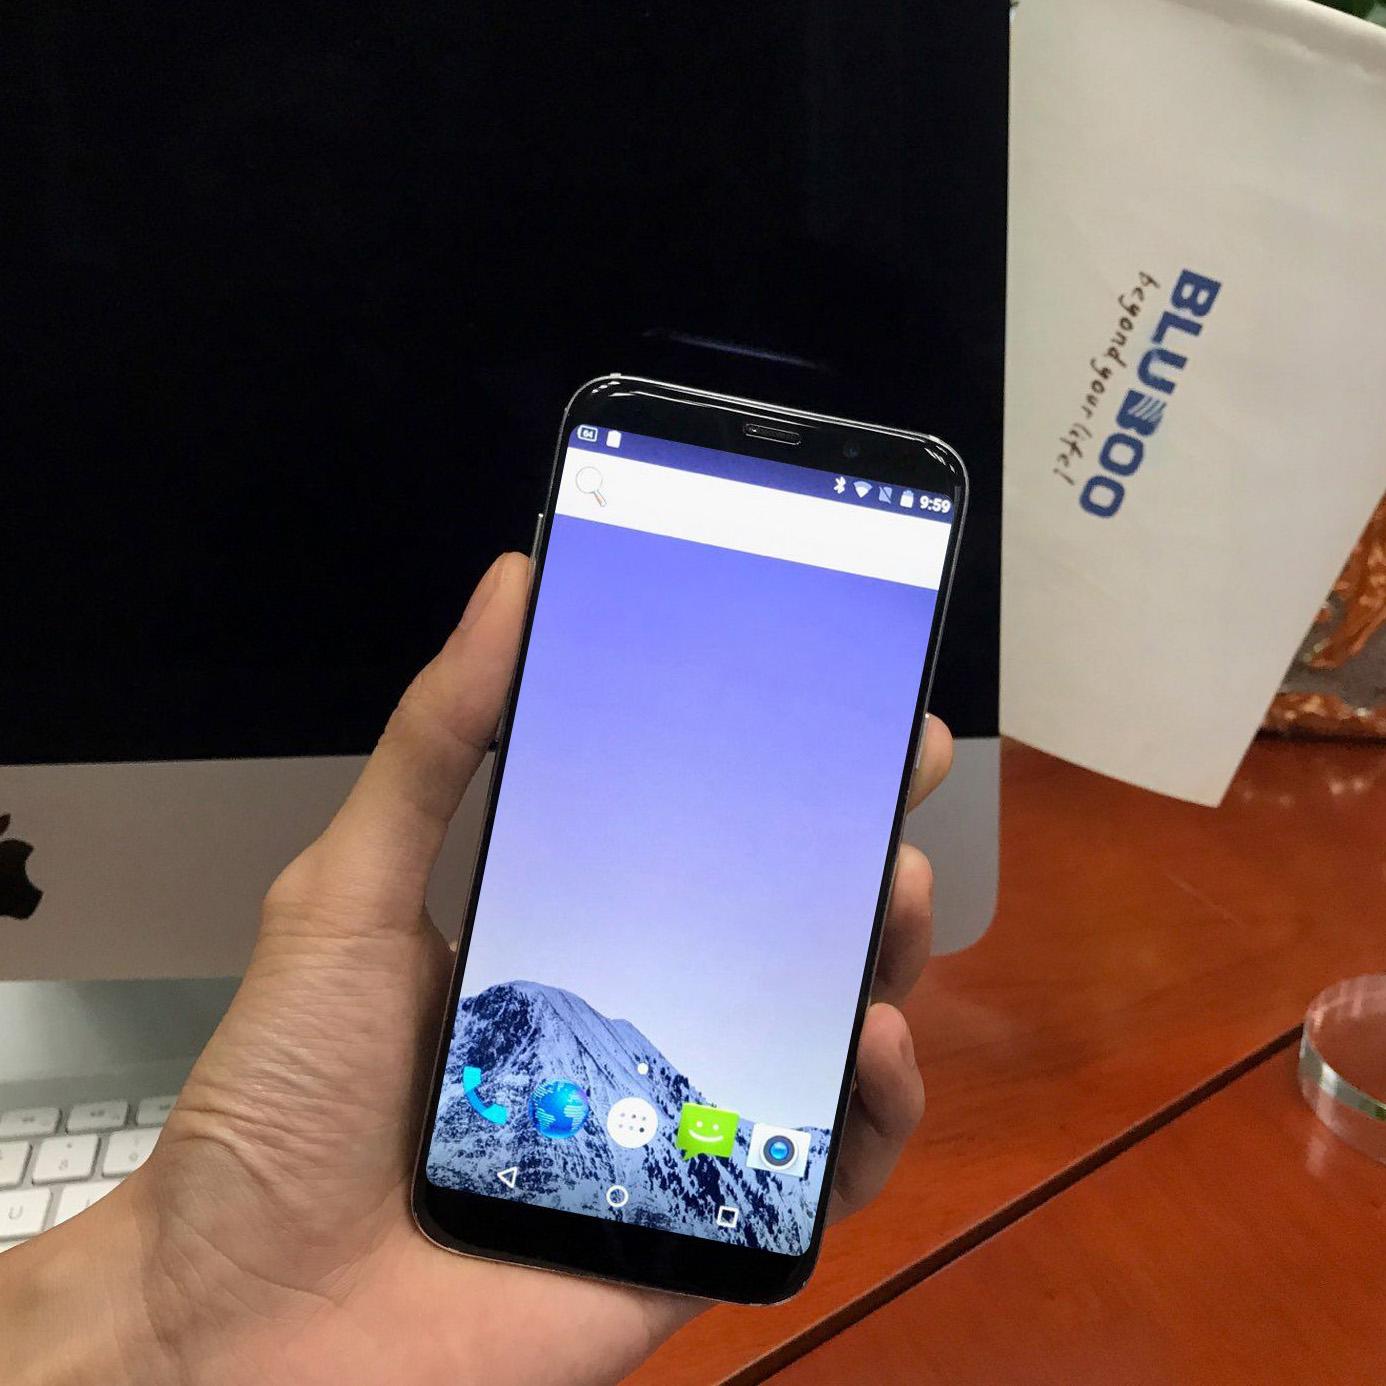 Анонсирован новый смартфон Bluboo S8